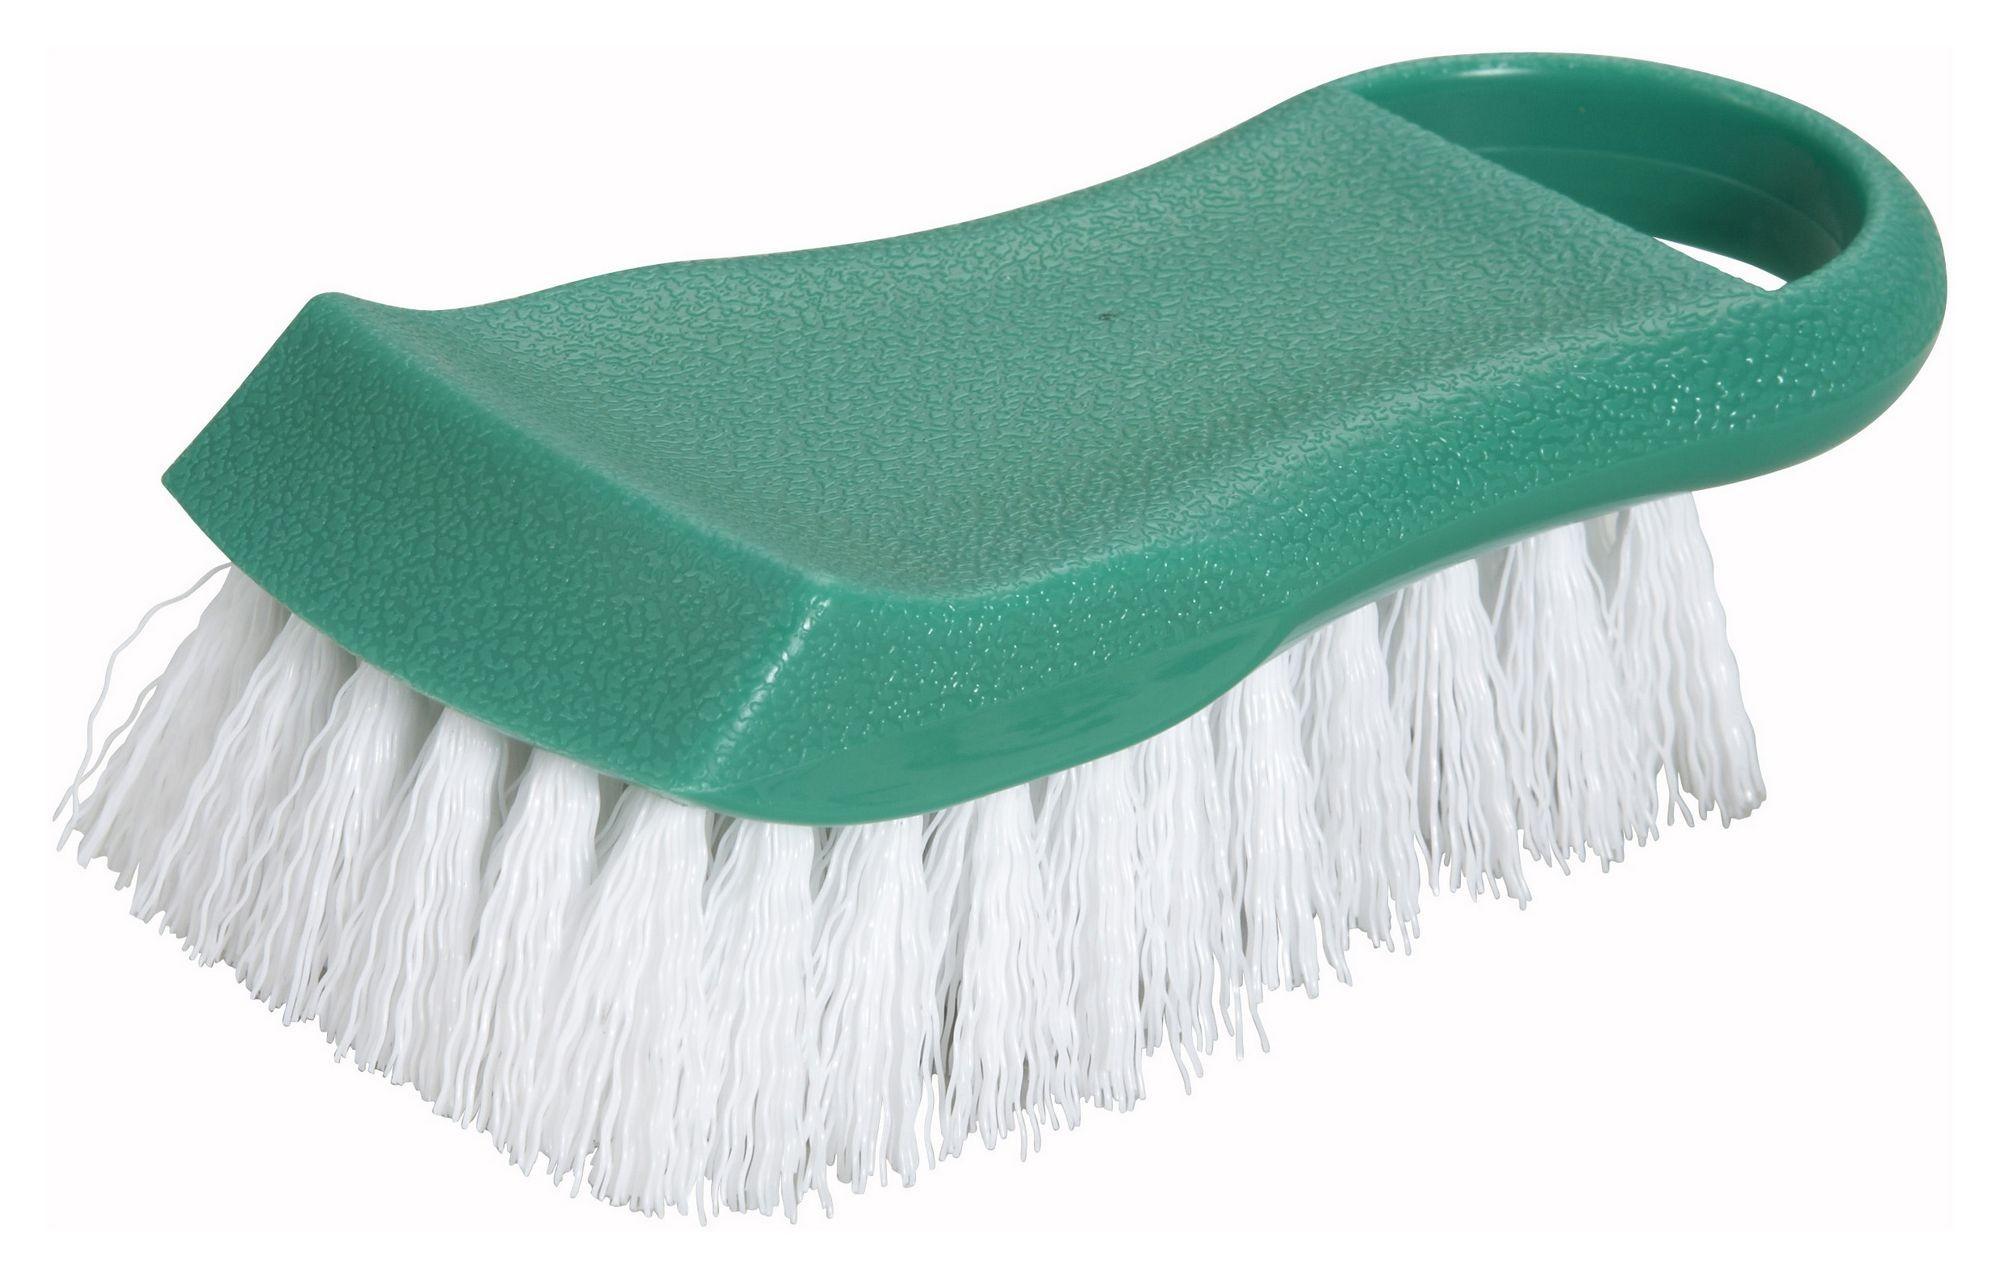 Winco CBR-GR Green Cutting Board Brush